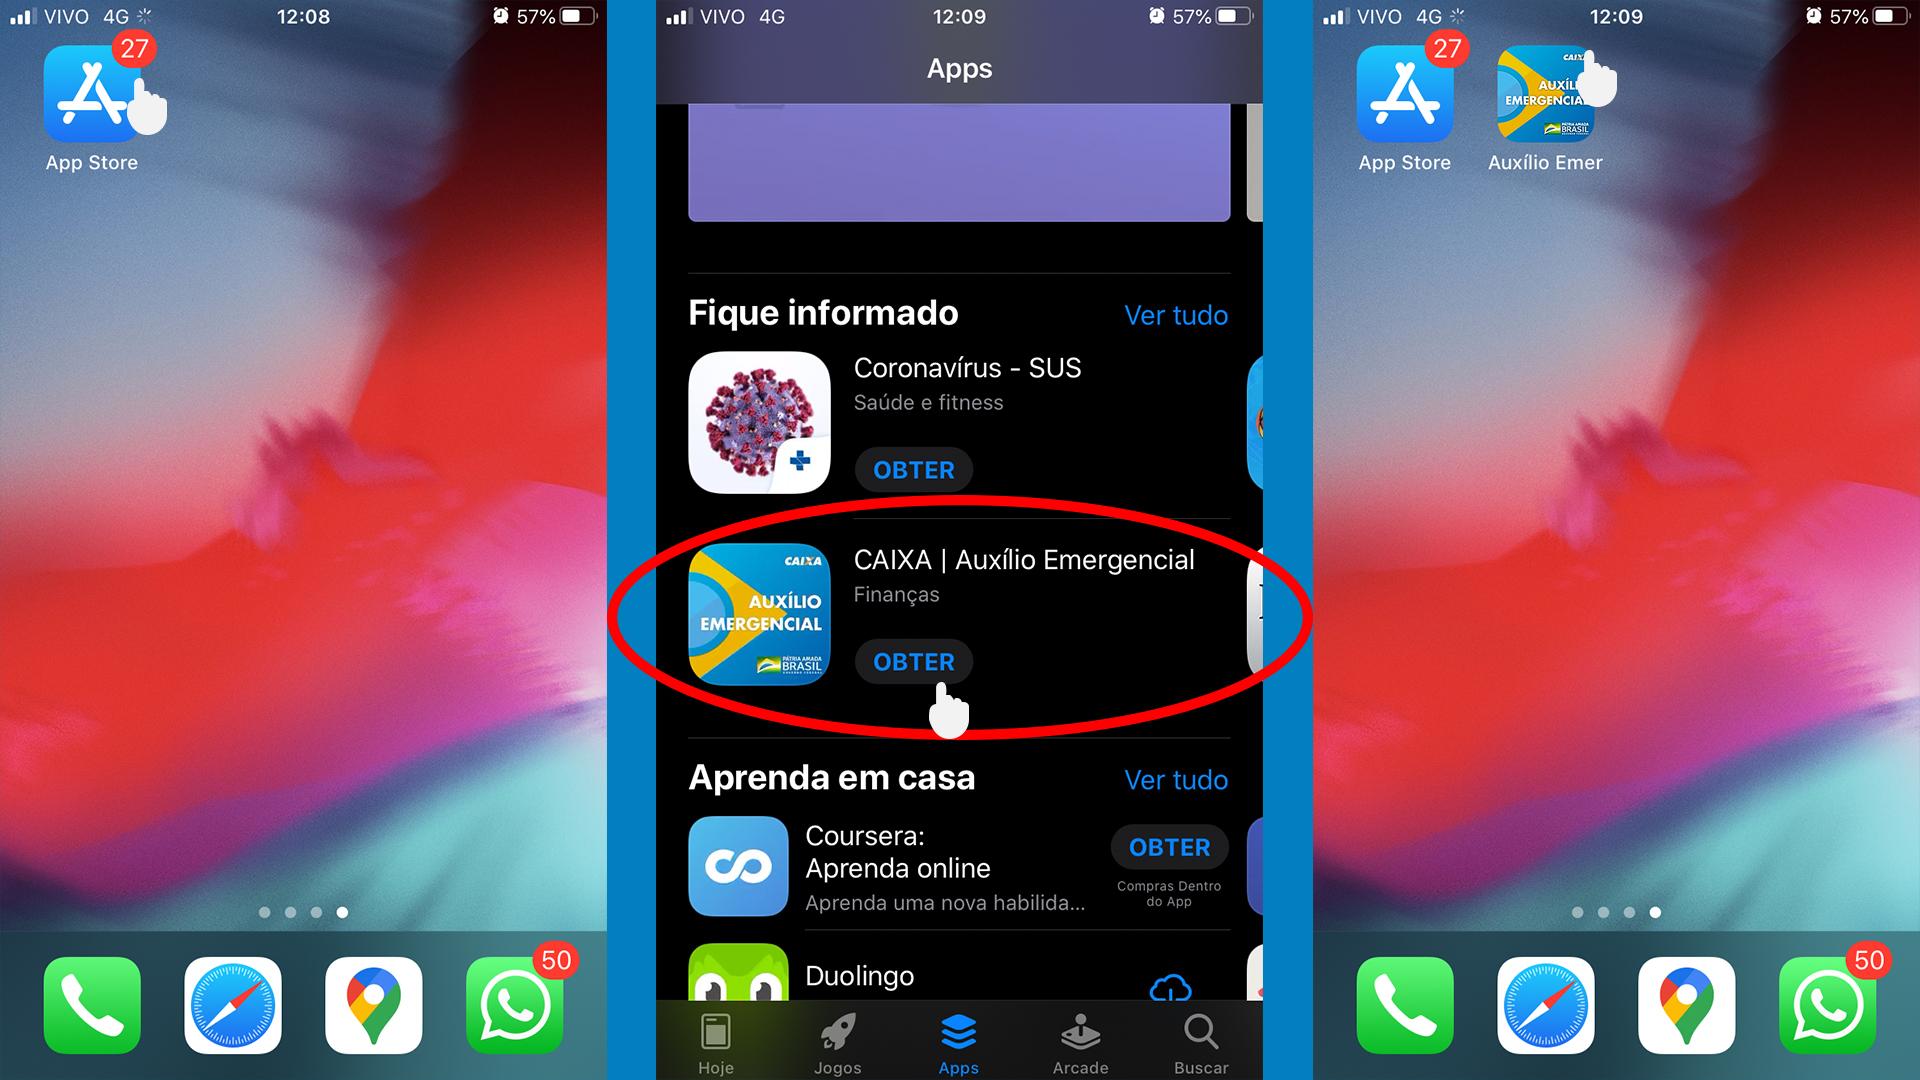 App Caixa Auxílio Emergencial passo a passo 01